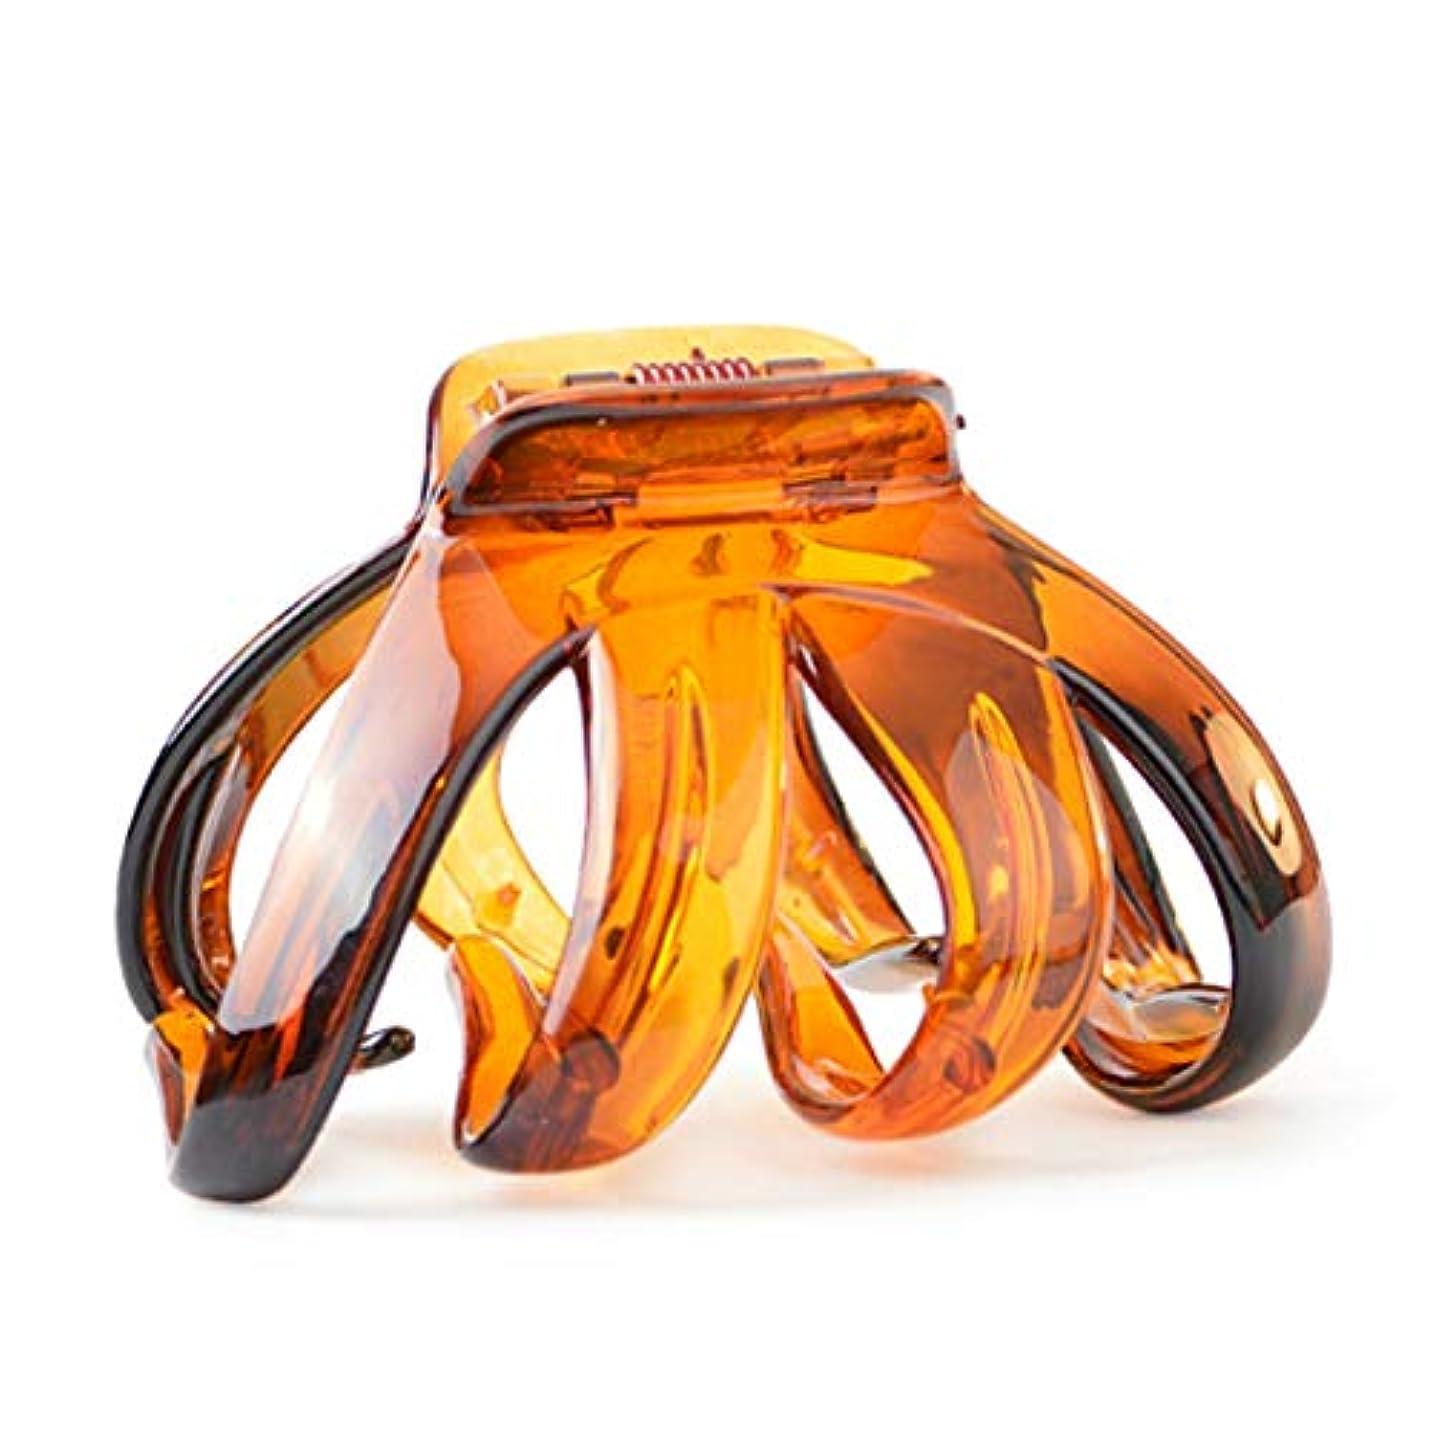 修正する柔らかい病気のヘアクリップ、ヘアピン、ヘアグリップ、ヘアグリップ、ヘアピングリッパー気質カラーアクリル8本爪クロークリップ入浴ヘアヘアキャッチ人気のキャッチカードヘアアクセサリーA0939アンバー、ブラック (Color : Amber...